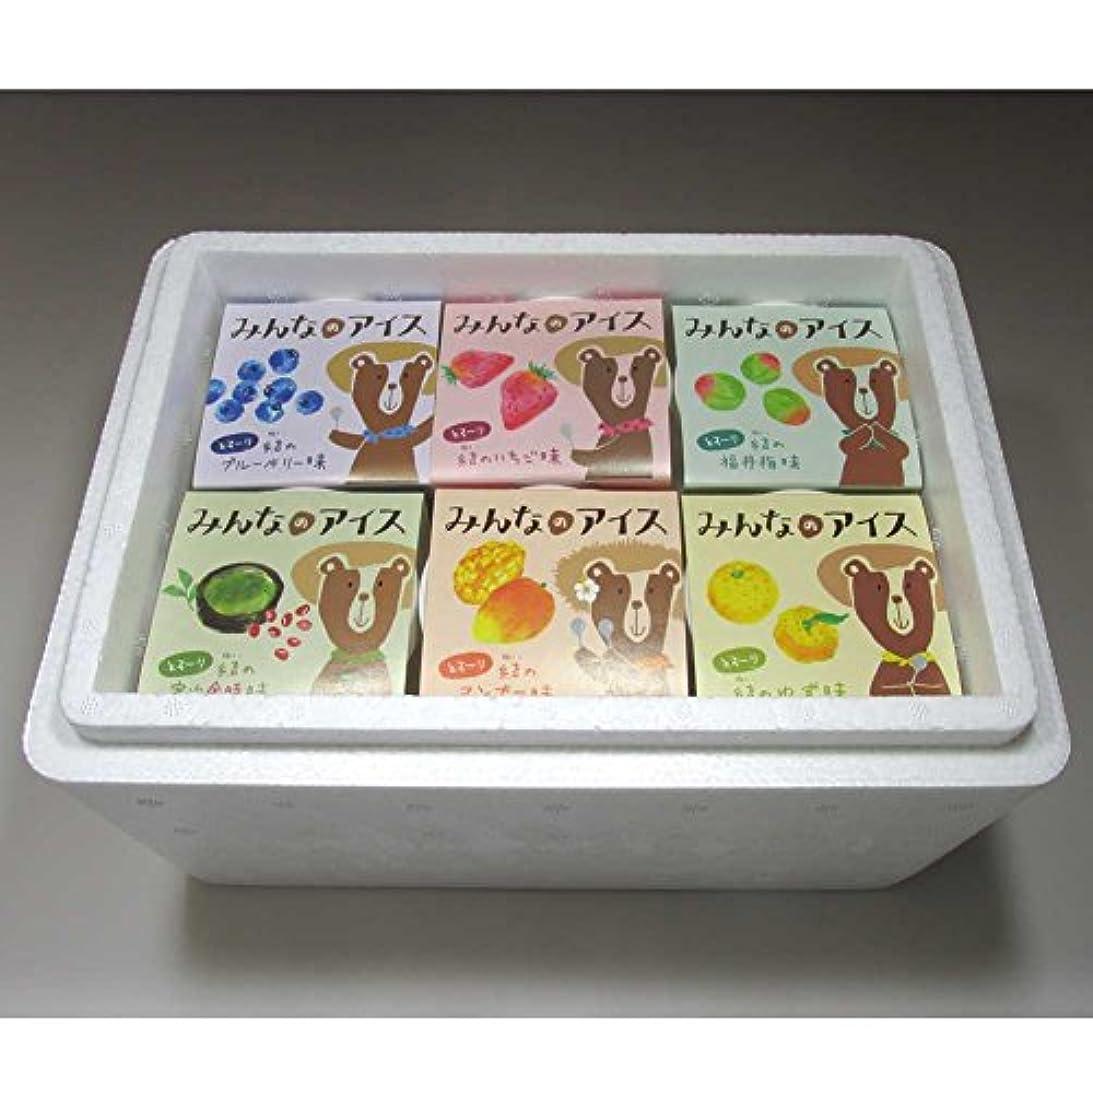 市区町村ライフルアライメントSFV生産農場 建石農園「アレルギーフリー☆みんなのアイス (6個)」 -クール冷凍-